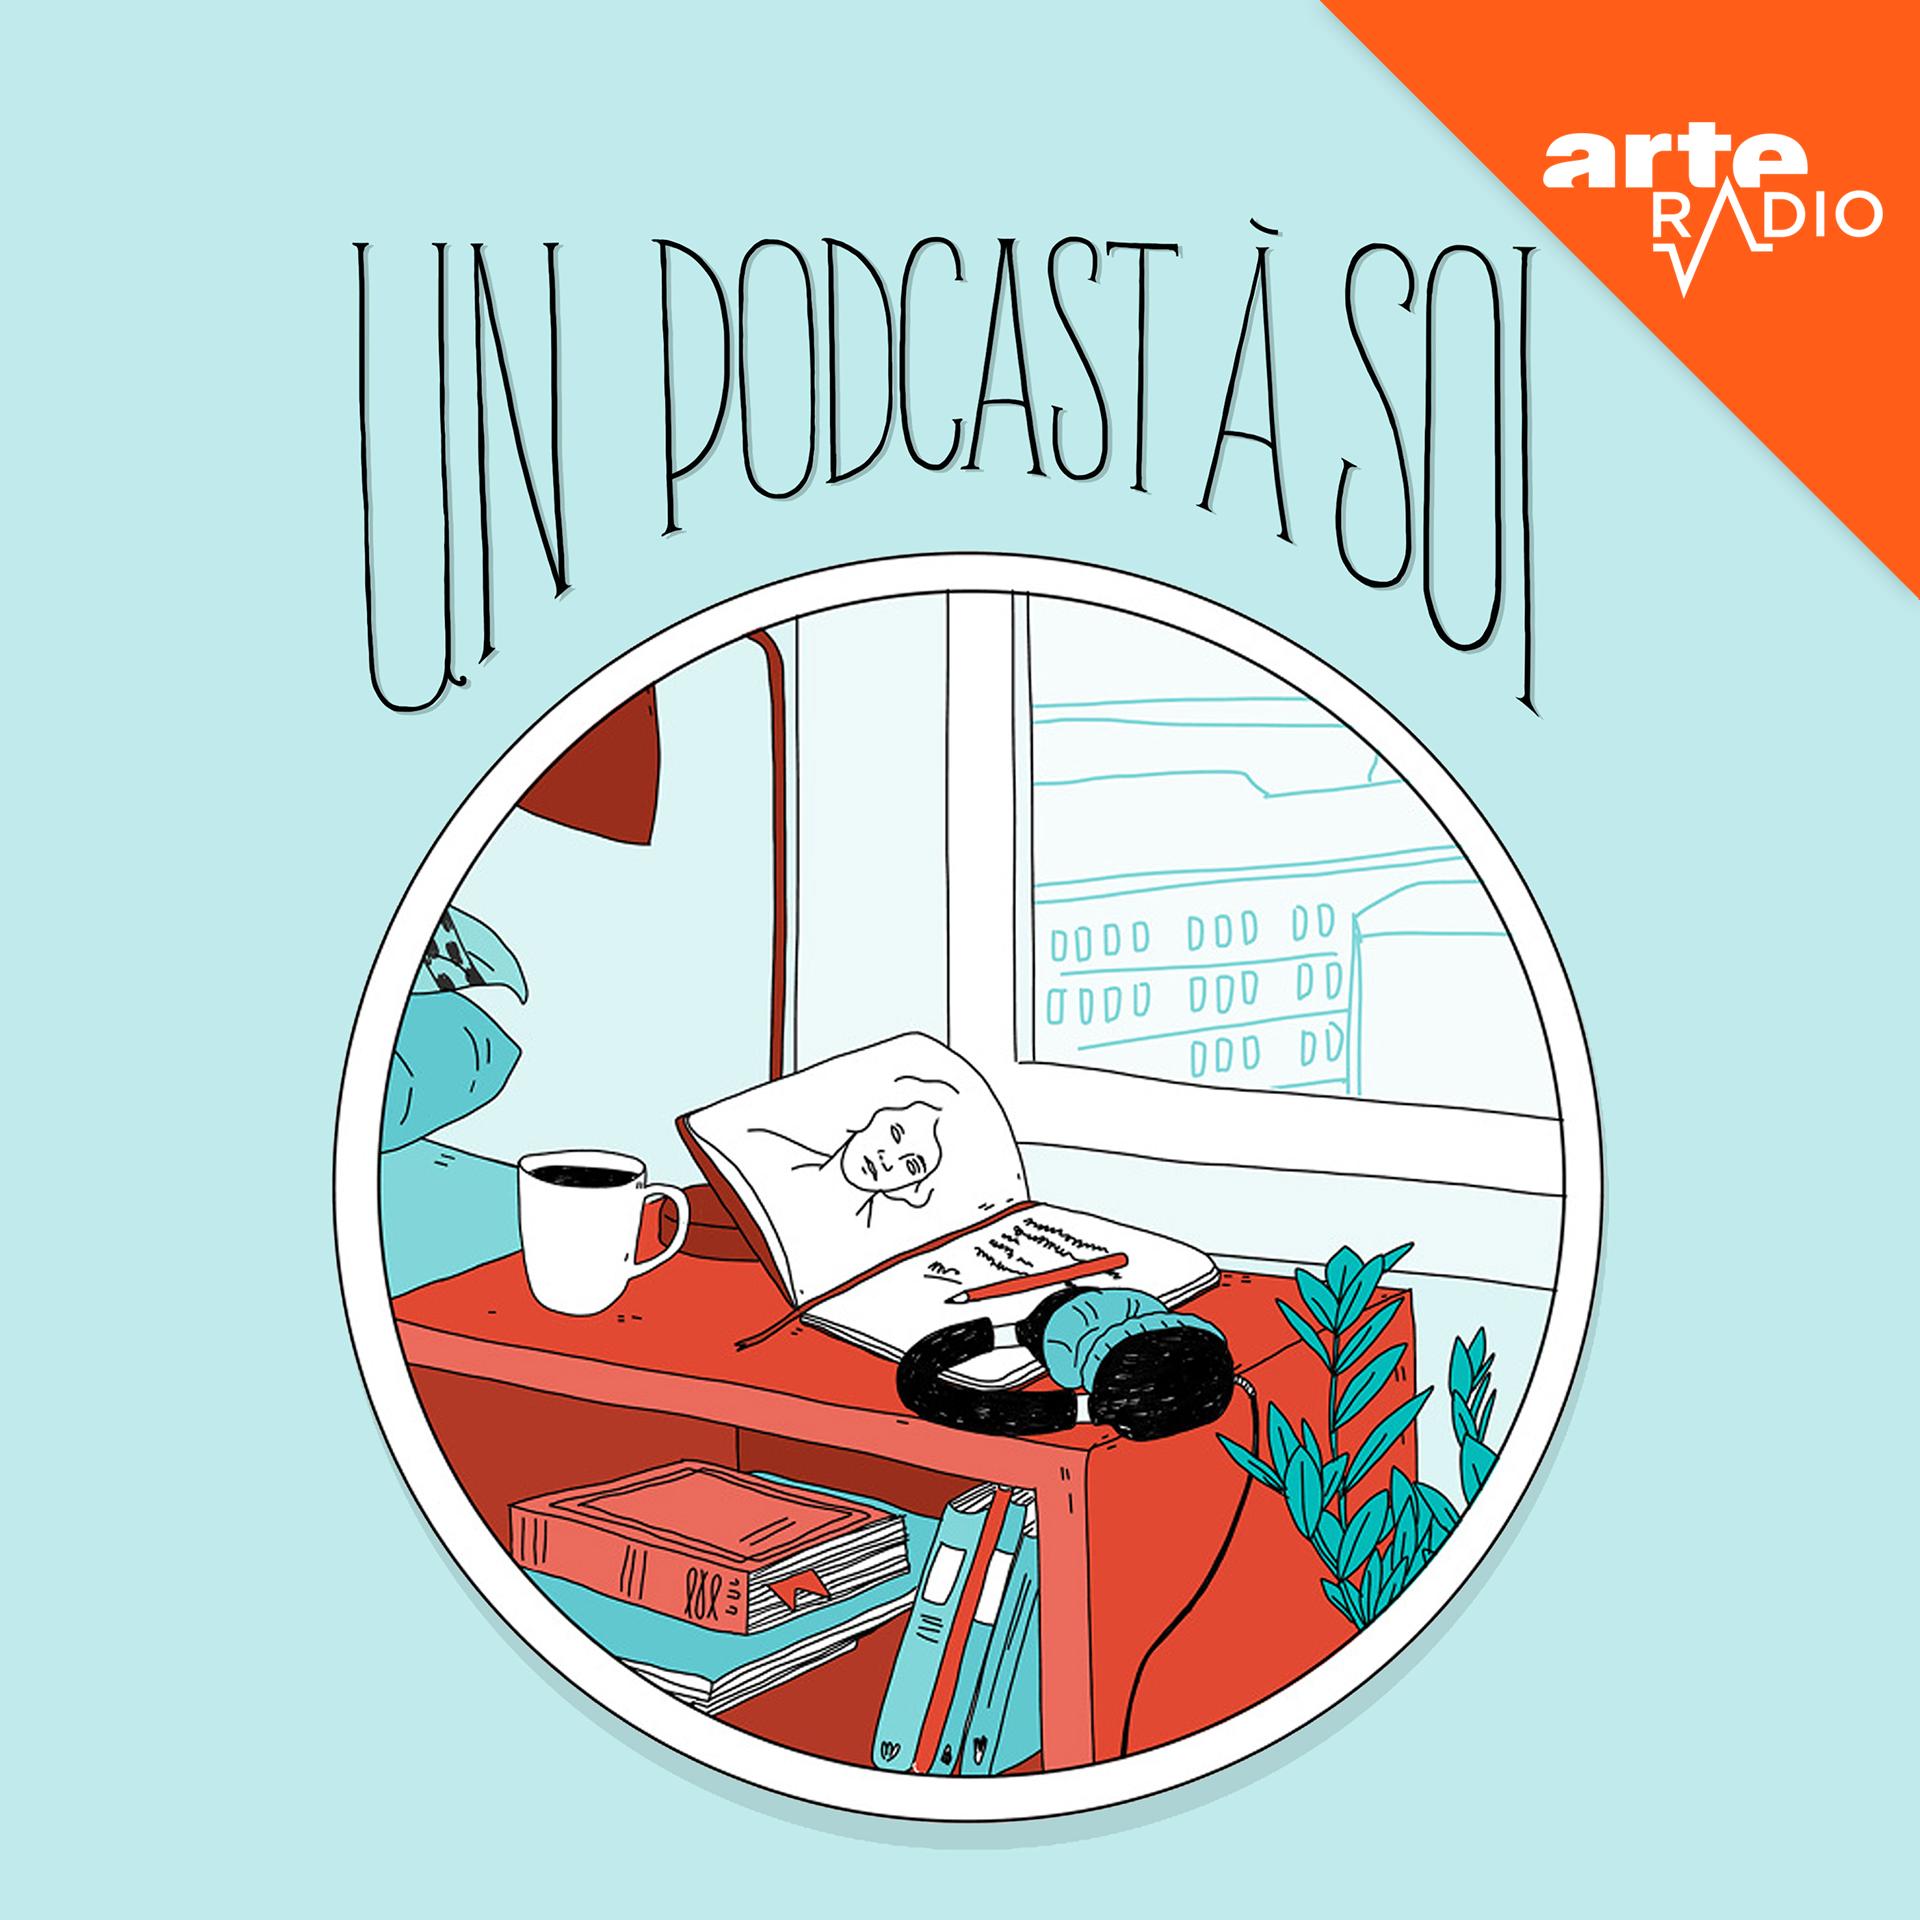 arte radio un podcast a soi